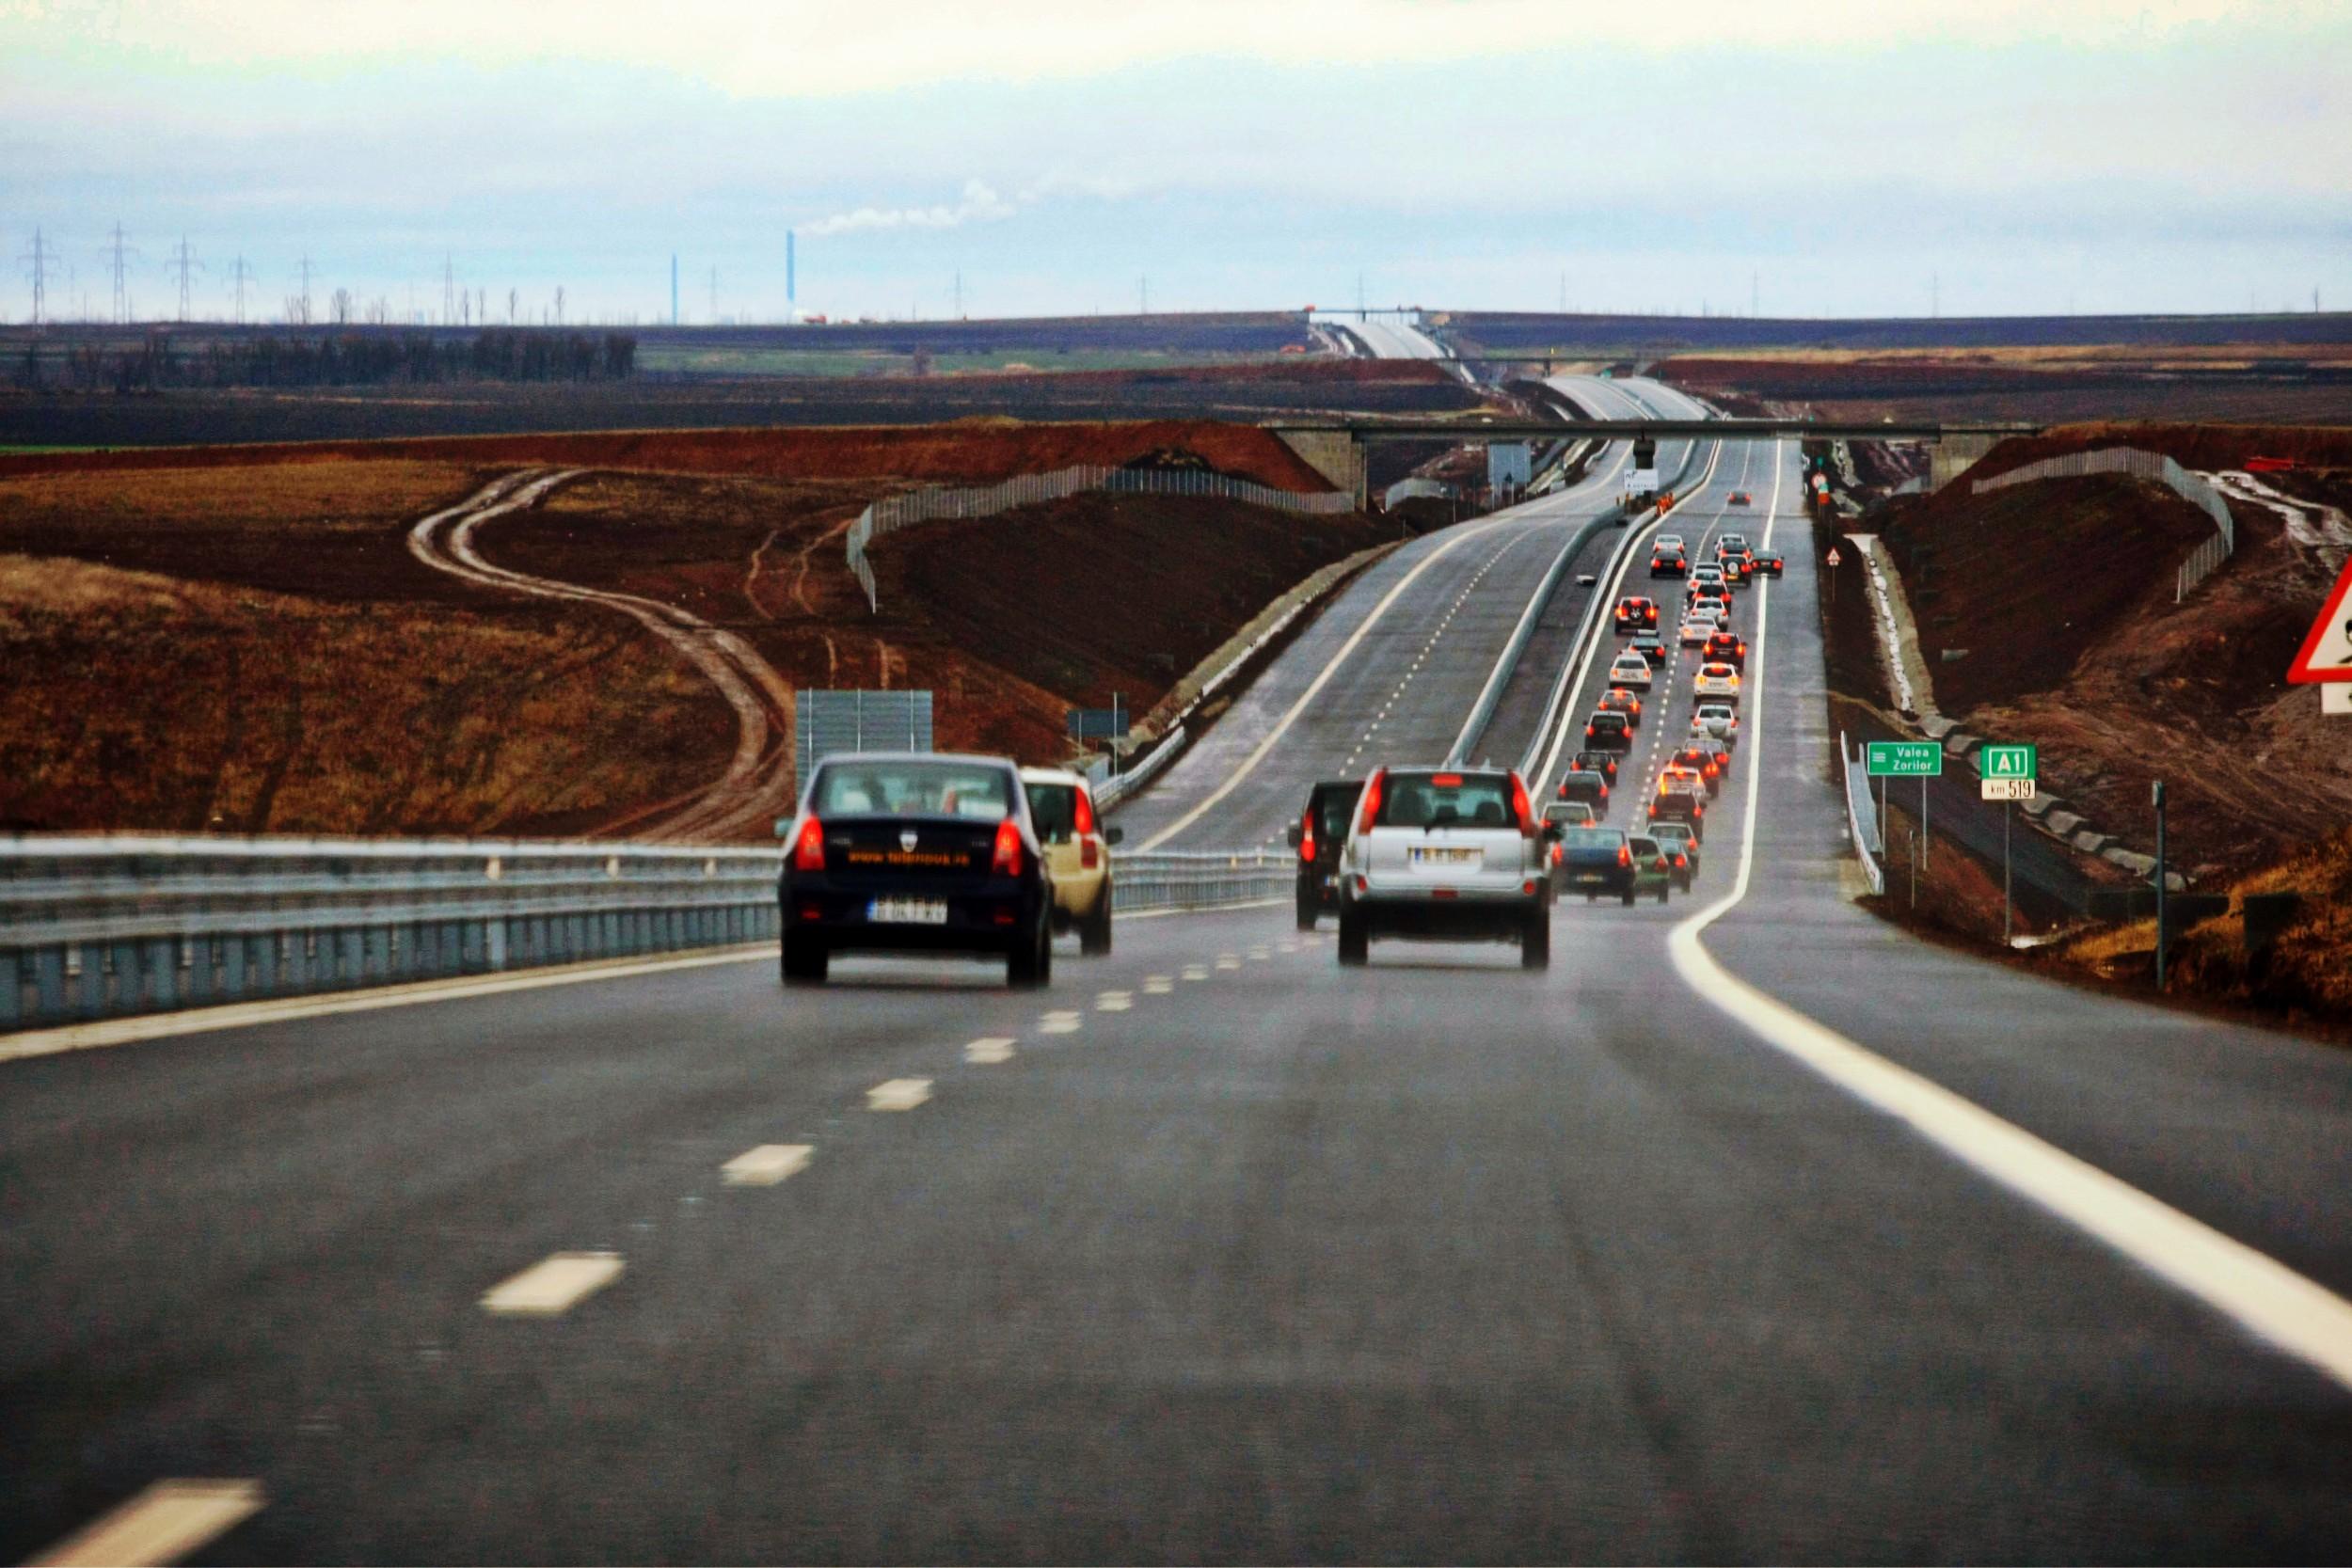 Romania are aproape 30 de kilometri noi de autostrada. Loturile 3 si 4 din autostrada Sebes-Turda au fost date in folosinta